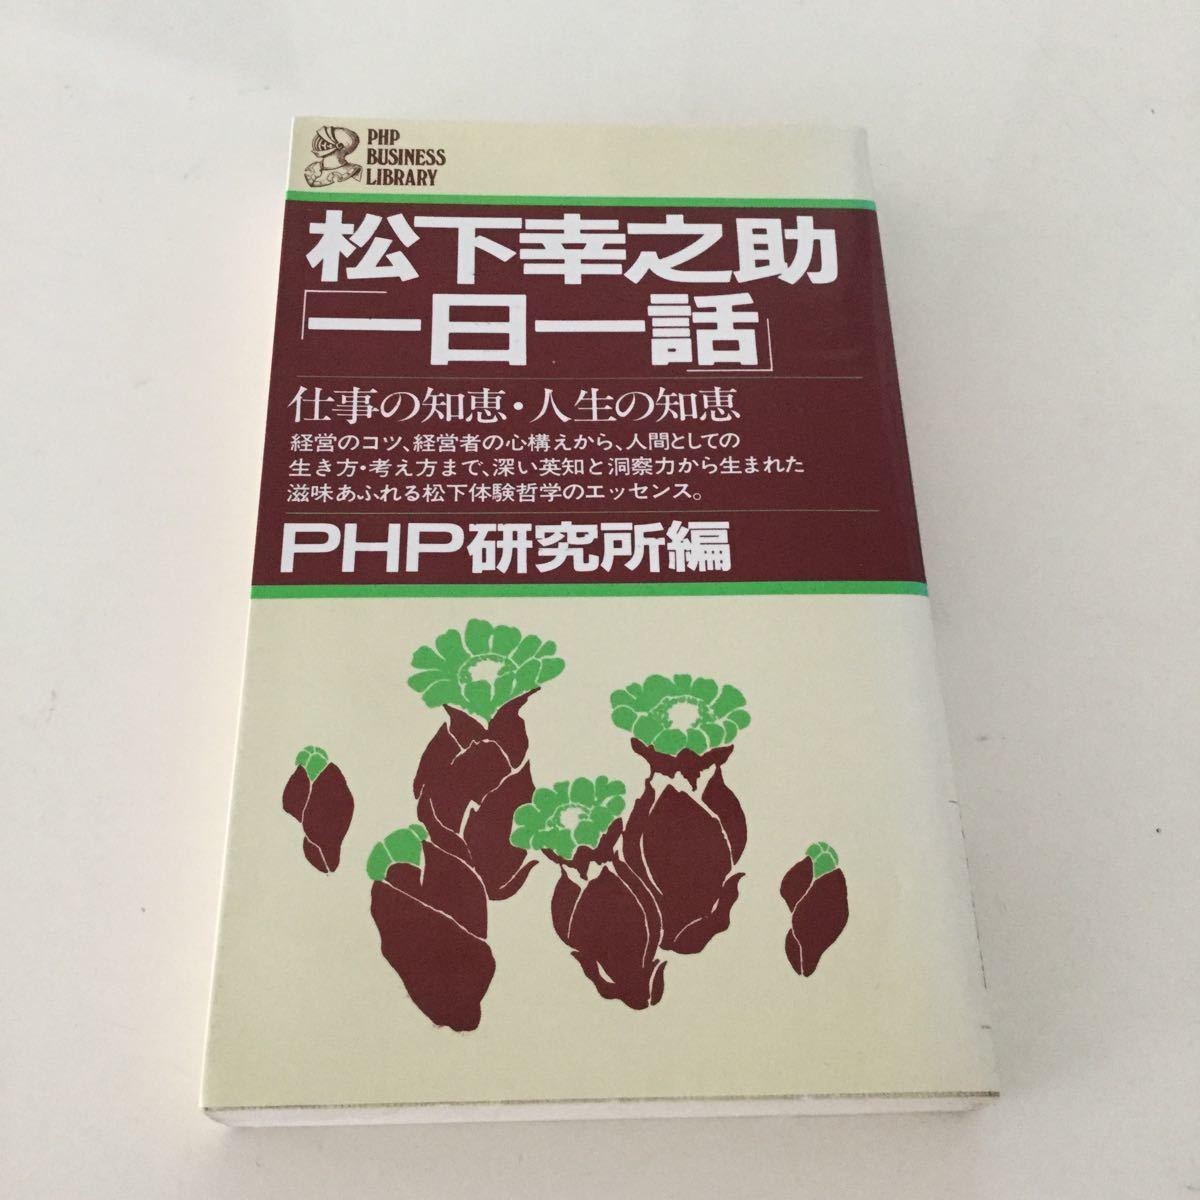 42 松下幸之助一日一話 仕事の知恵 人生の知恵 PHP研究所編 経営のコツ 経営者 生き方 考え方 PHP A022 本 小説 日本作家 日本小説 哲学_画像1